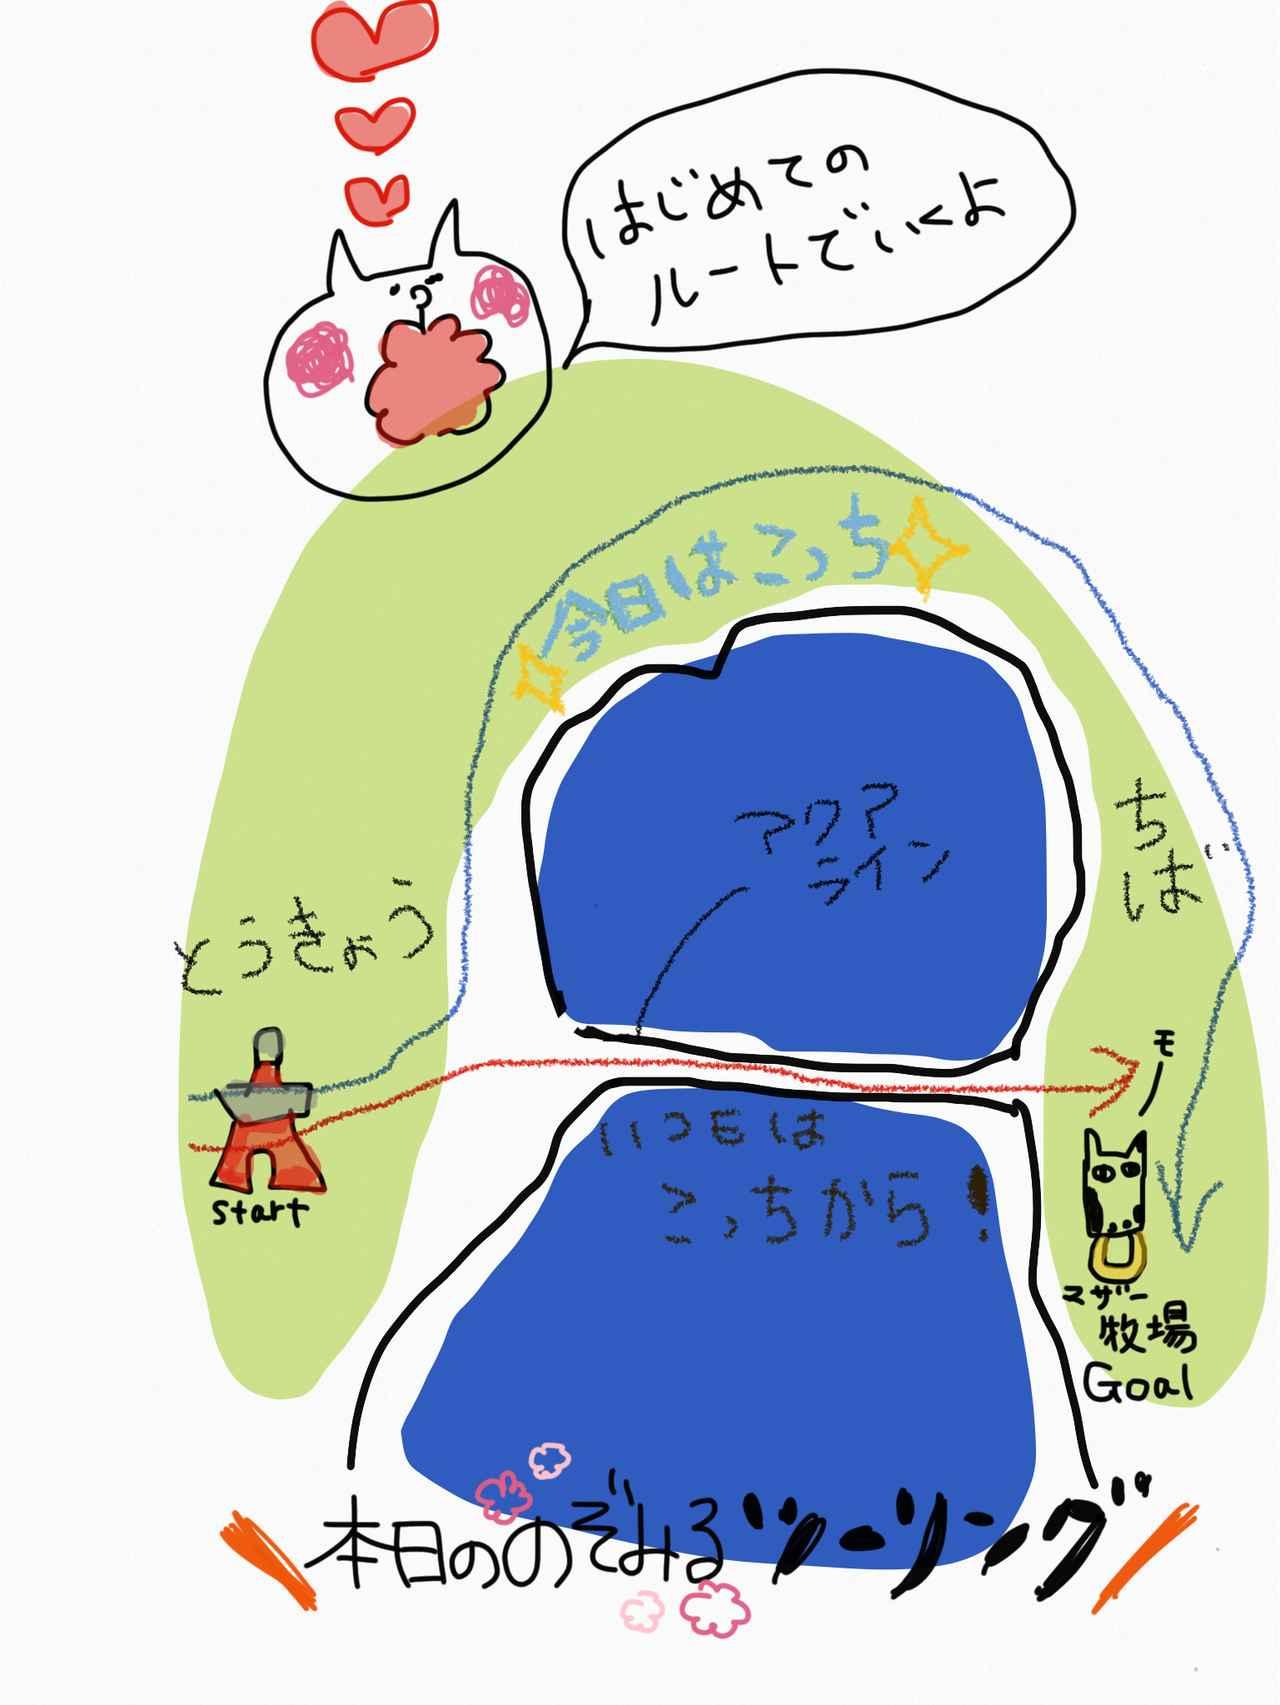 画像1: 西田望見の「休日おすそわけ」/ソフトクリーム編  『ソフトクリームがたべたいっっっ…!』